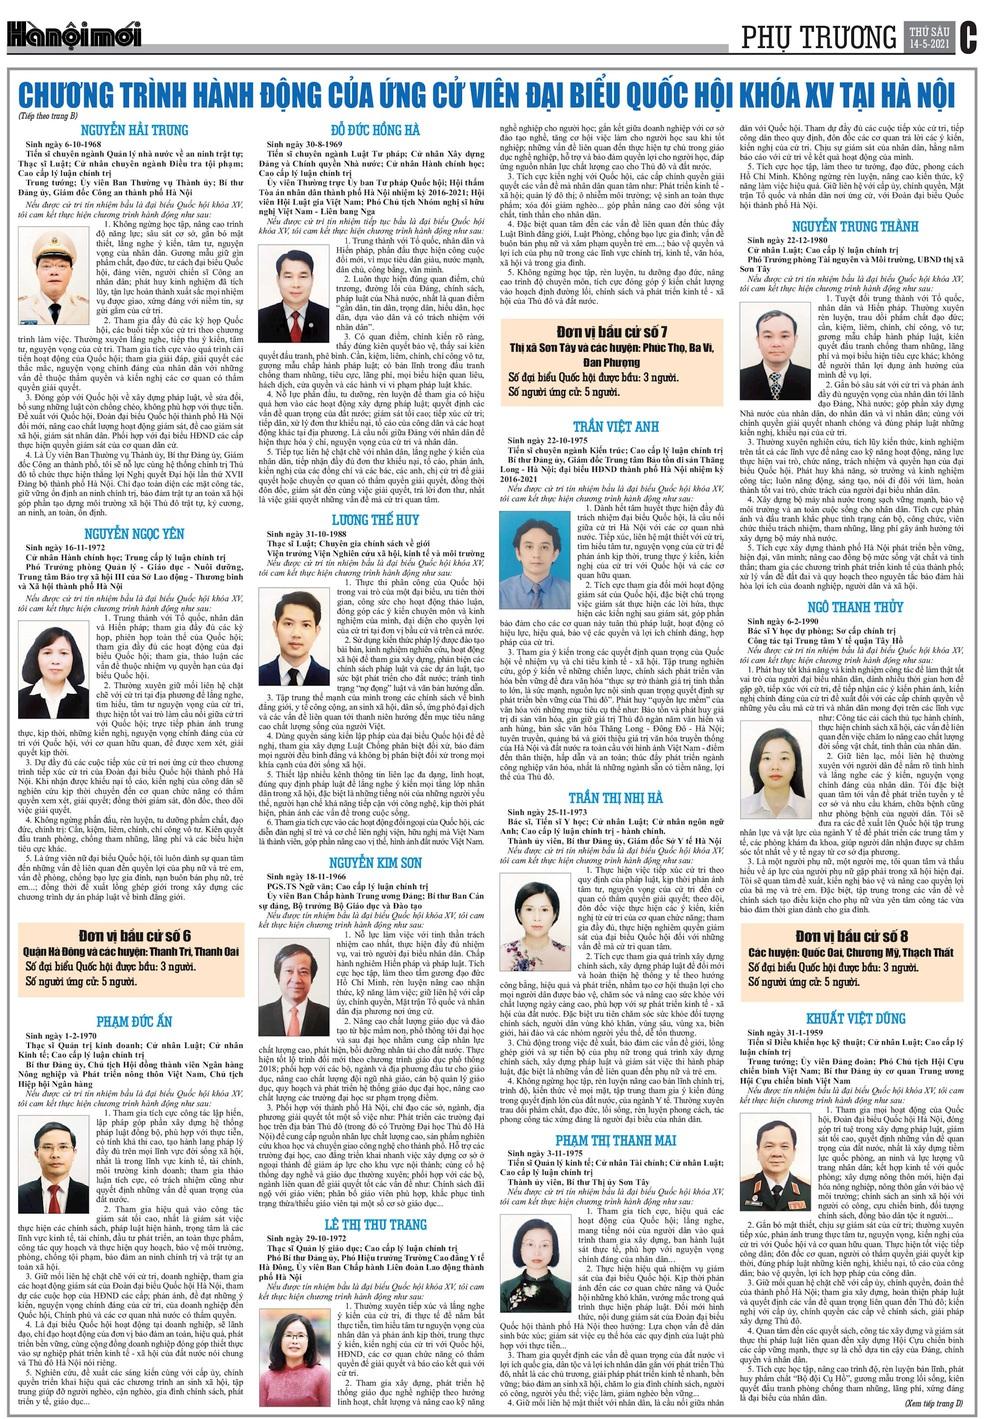 Chương trình hành động của các ứng cử viên đại biểu Quốc hội khóa XV tại Hà Nội - Ảnh 3.